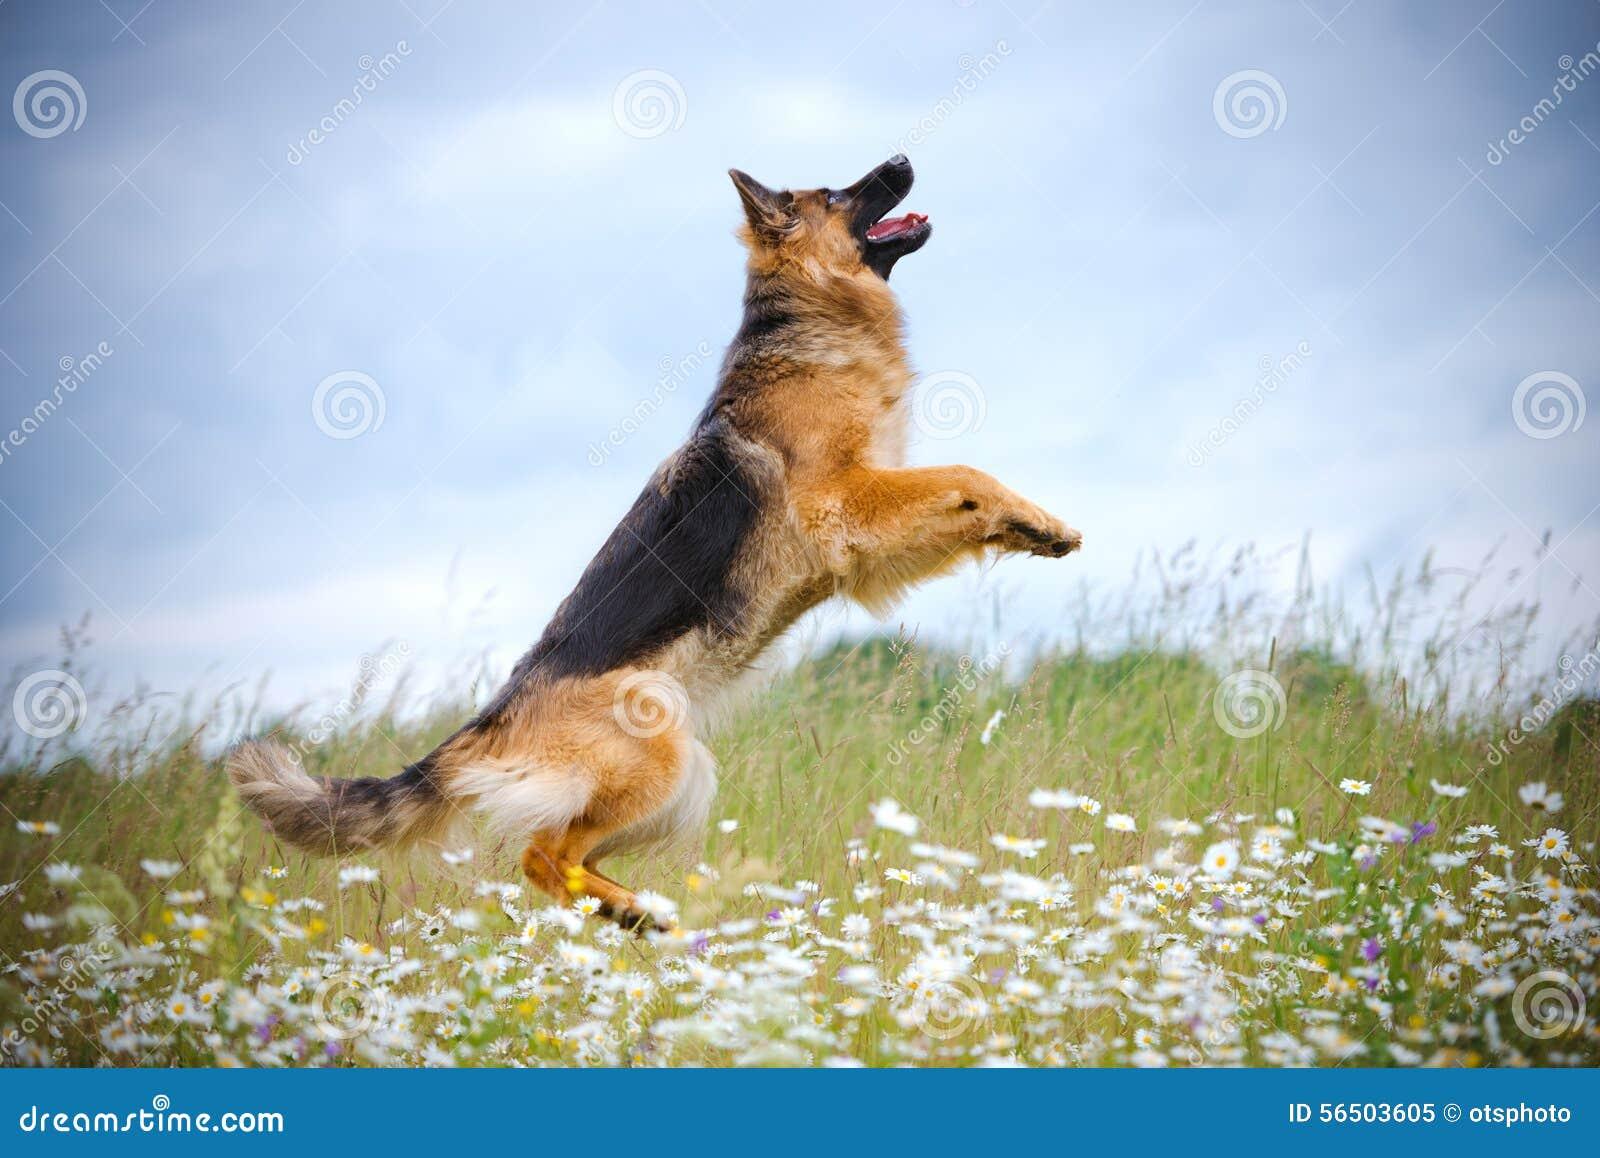 German shepherd dog jumping up